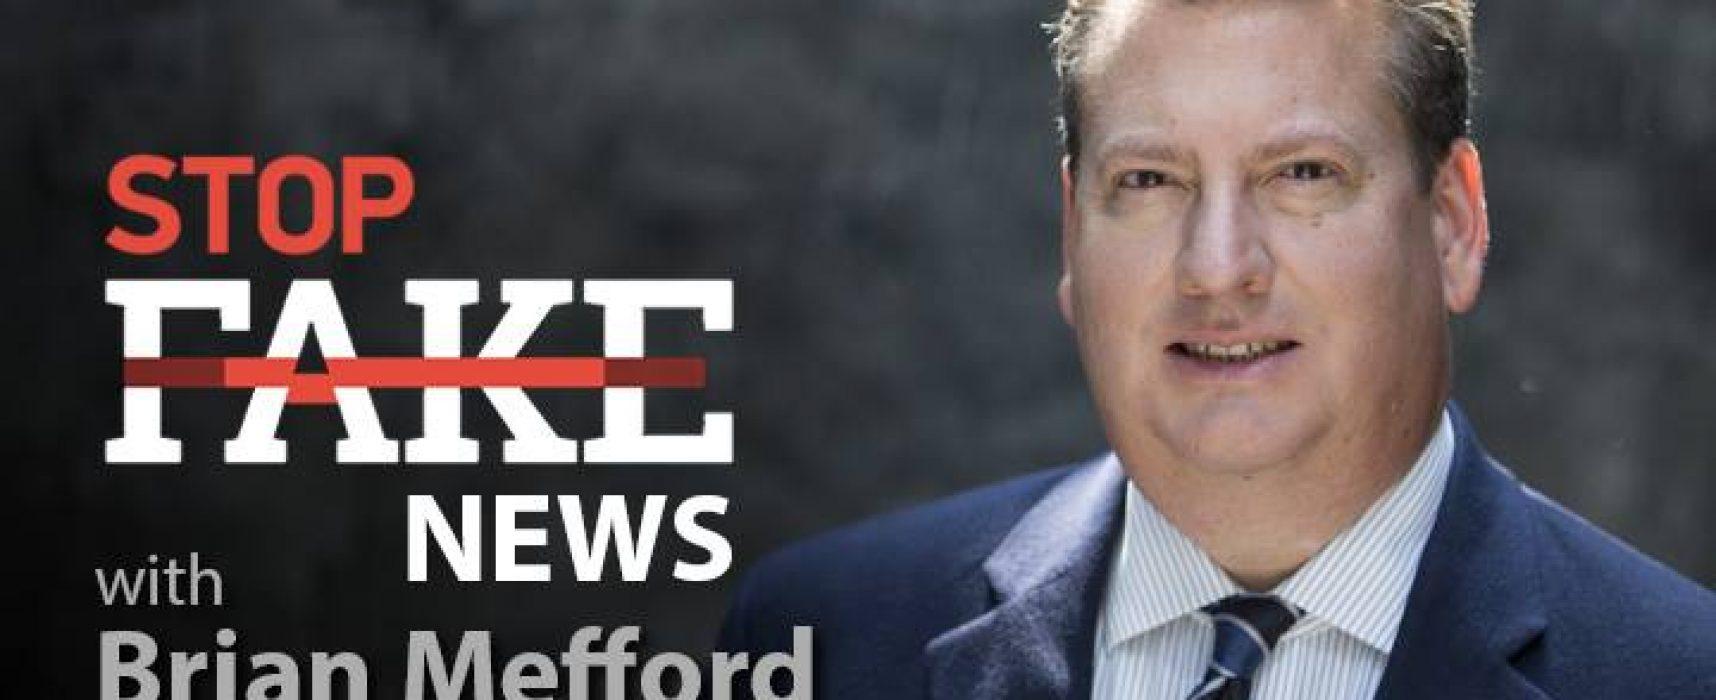 StopFakeNews #93 [Engels] met Brian Mefford